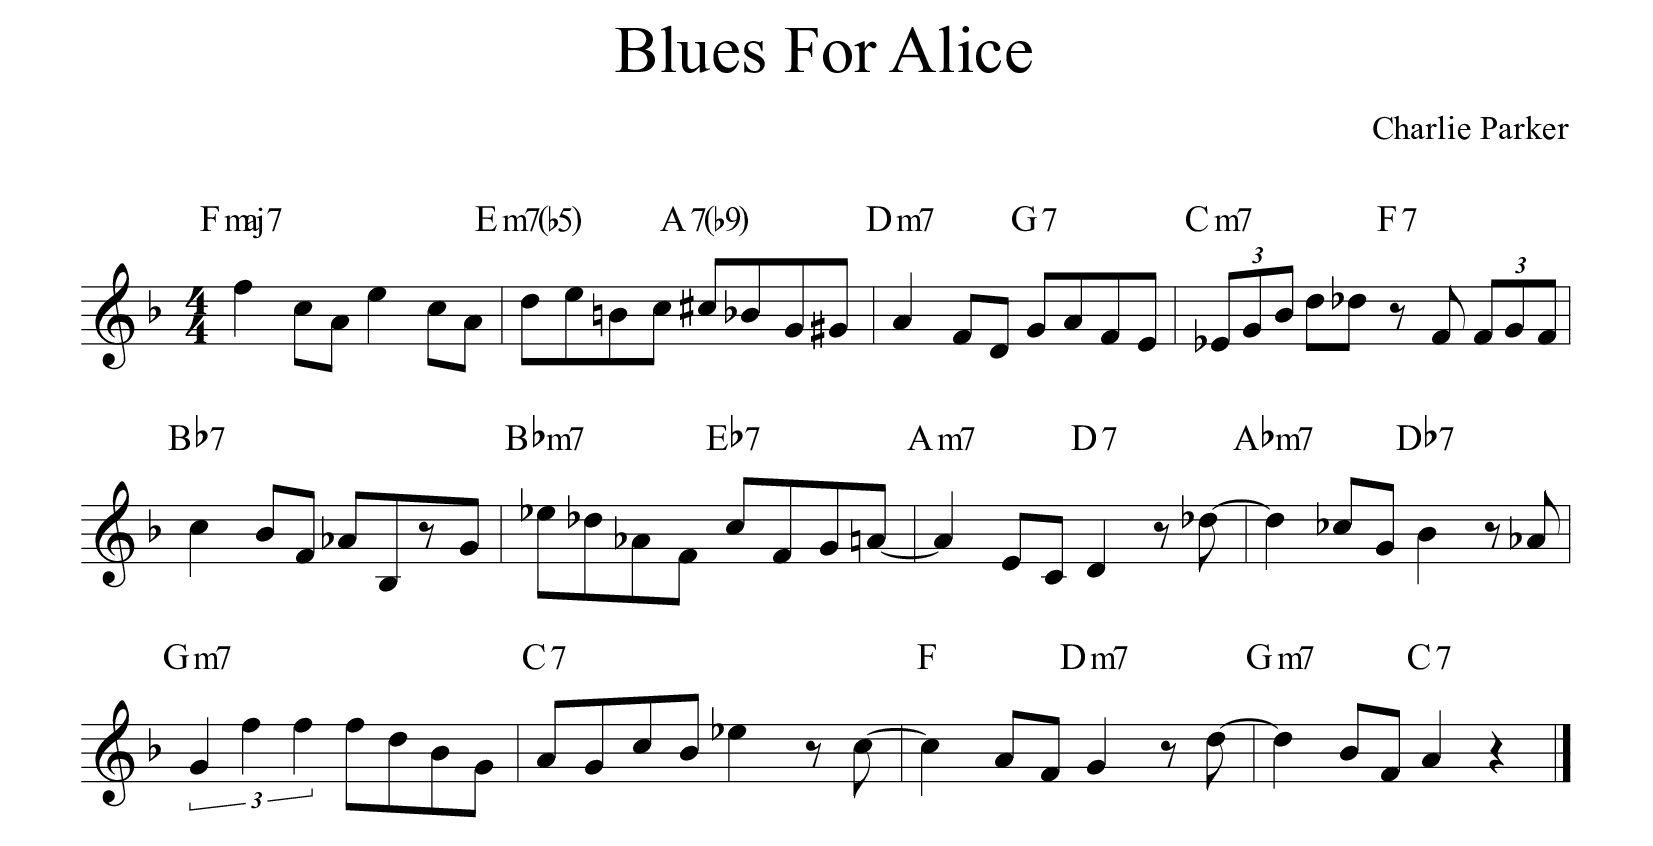 Blues-For-Alice-Charlie-Parker-BLUES 12 misure